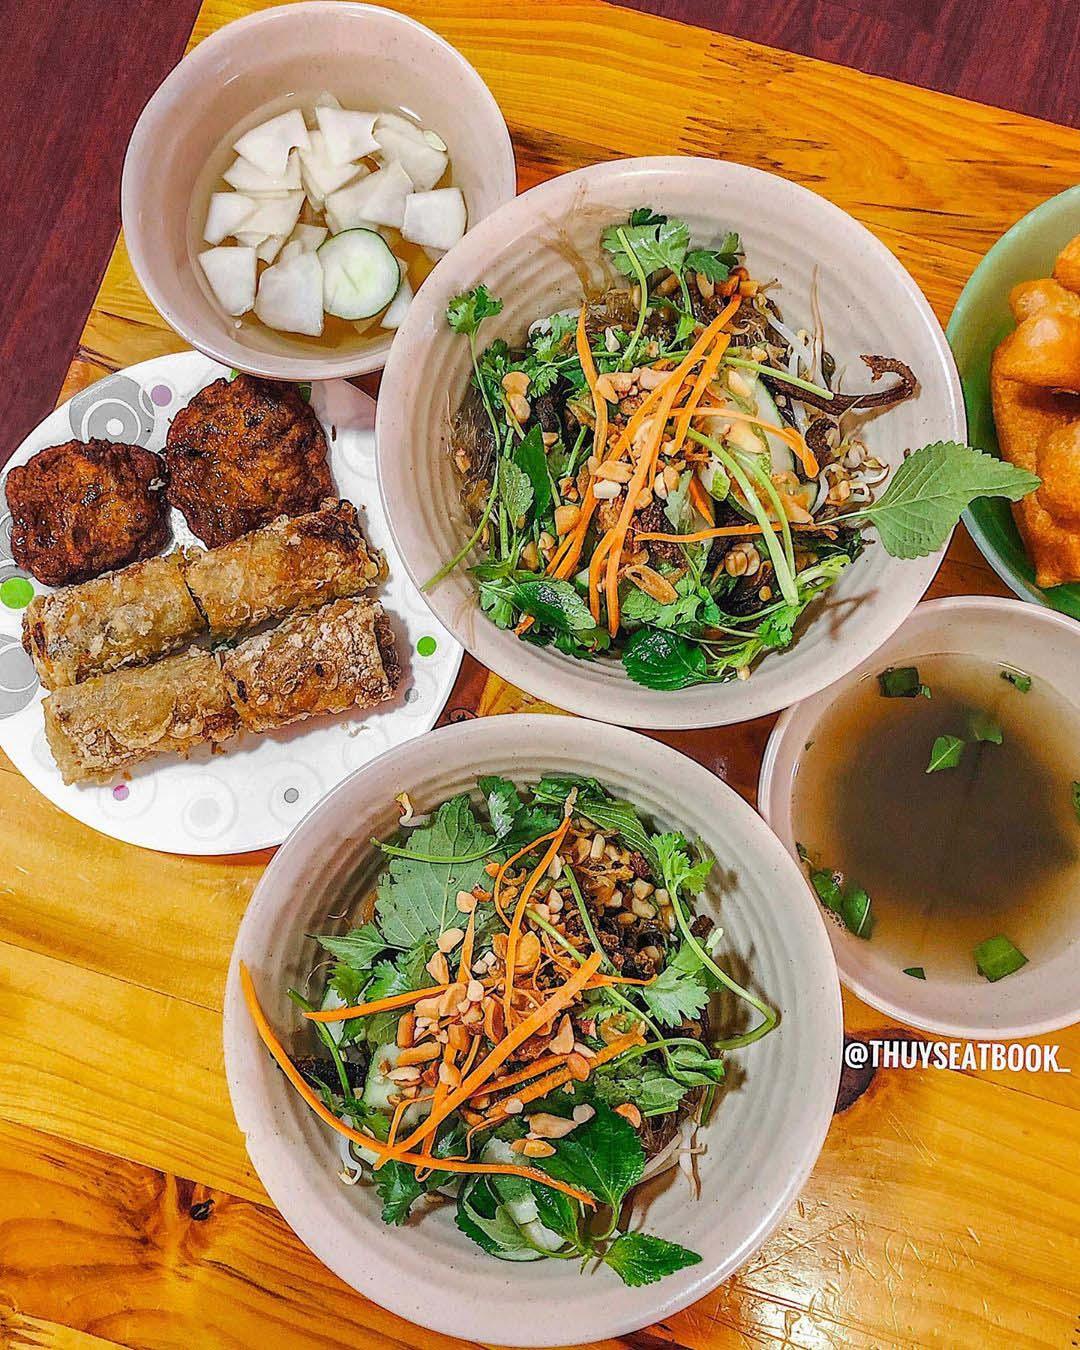 """Hà Nội: Món vừa cay, vừa ngọt khiến khách xuýt xoa khen ngon, """"ăn không kịp thở"""" - Ảnh 5."""